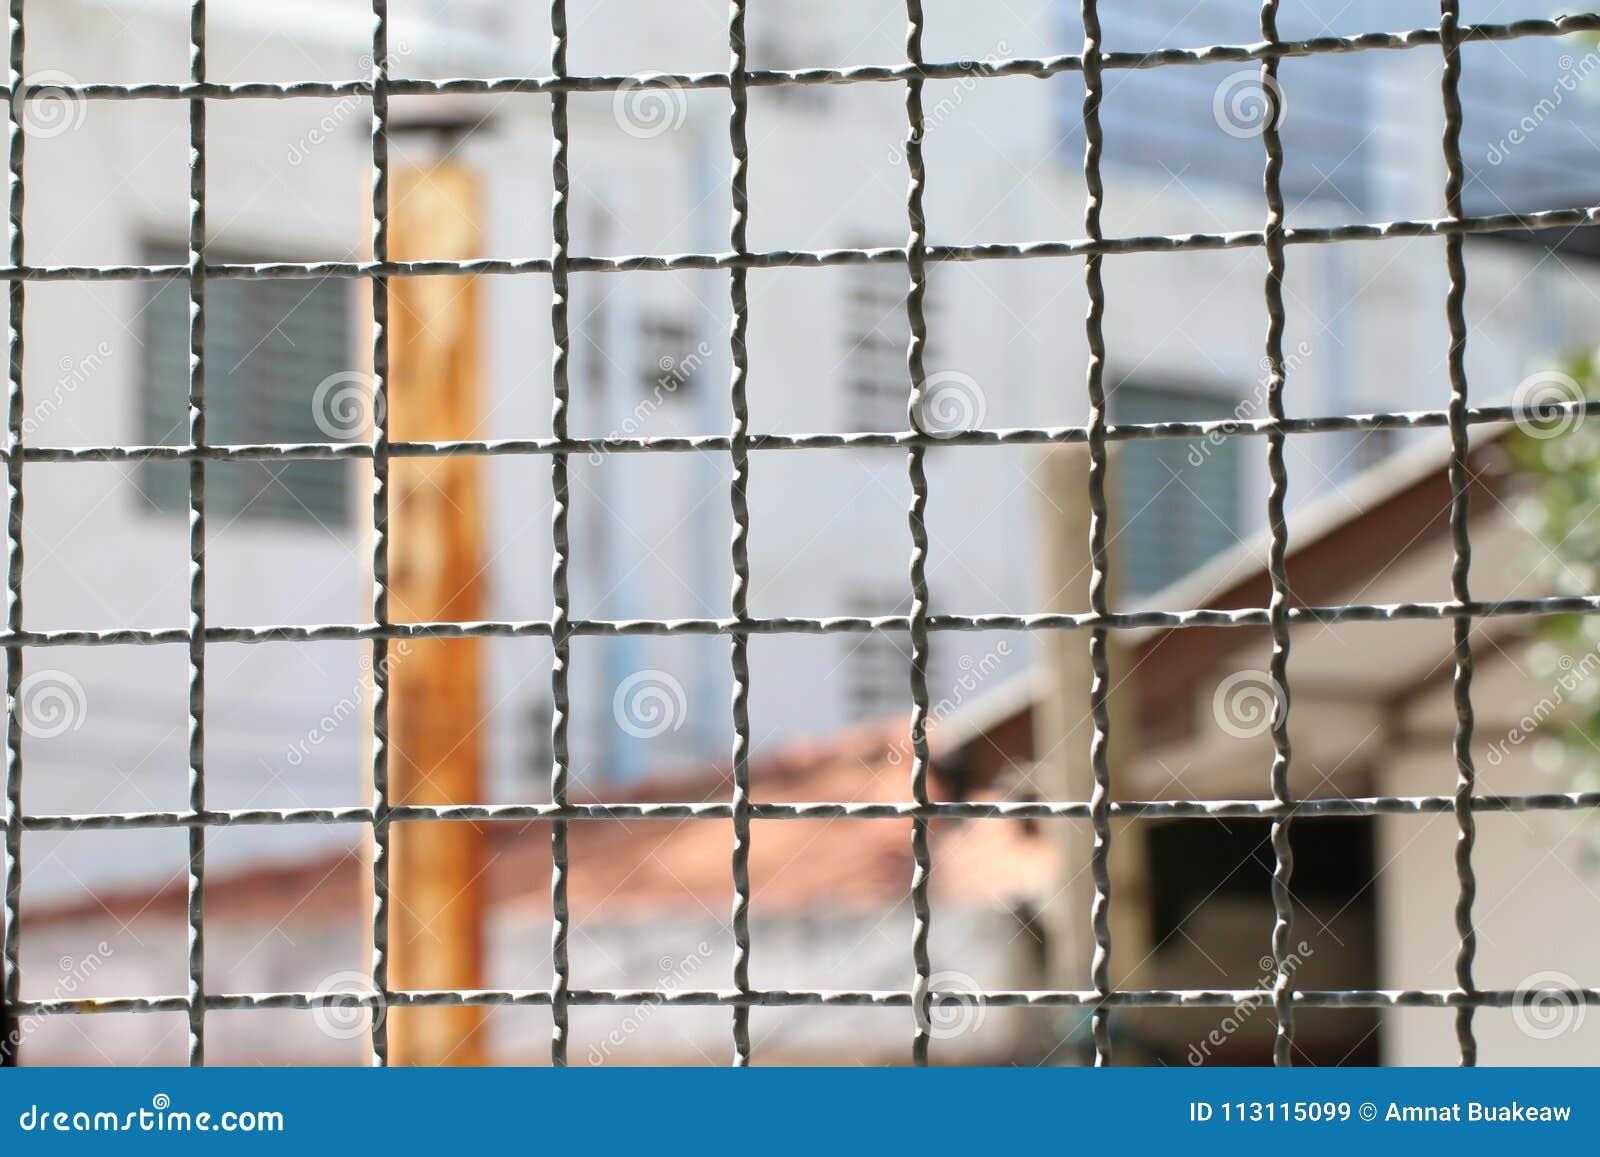 Den försåg med en hulling champinjonen - binda buren inom försening inom stålburen, staket för raster för fyrkant för metall för